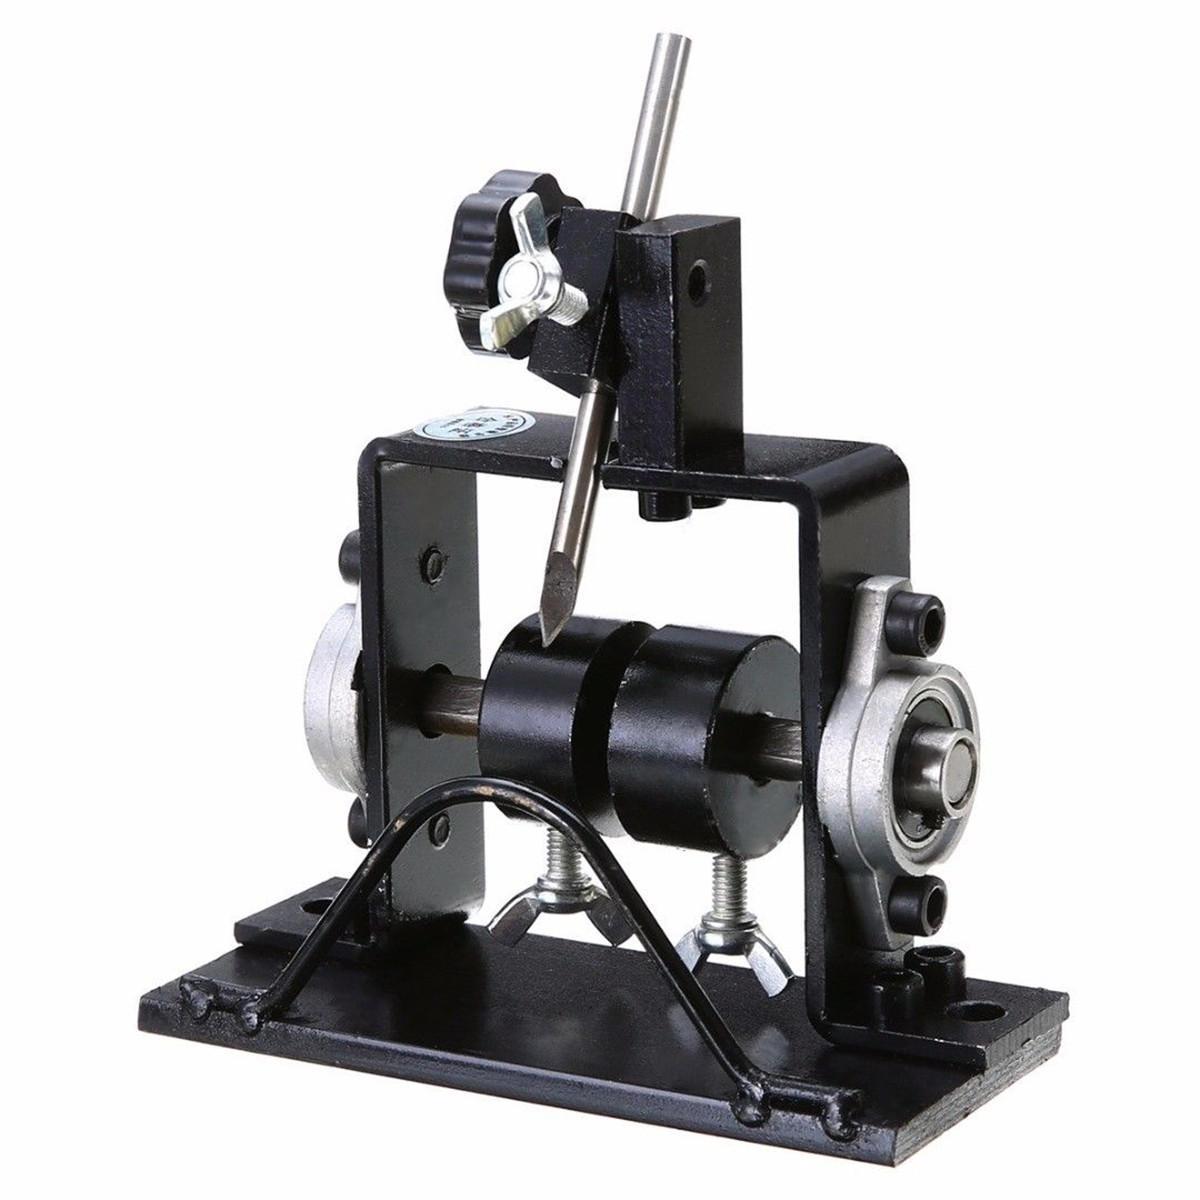 كتيب سلك كابل تجريد آلة تقشير المتعرية المتعرية أداة معدنية ل 1-20 ملليمتر